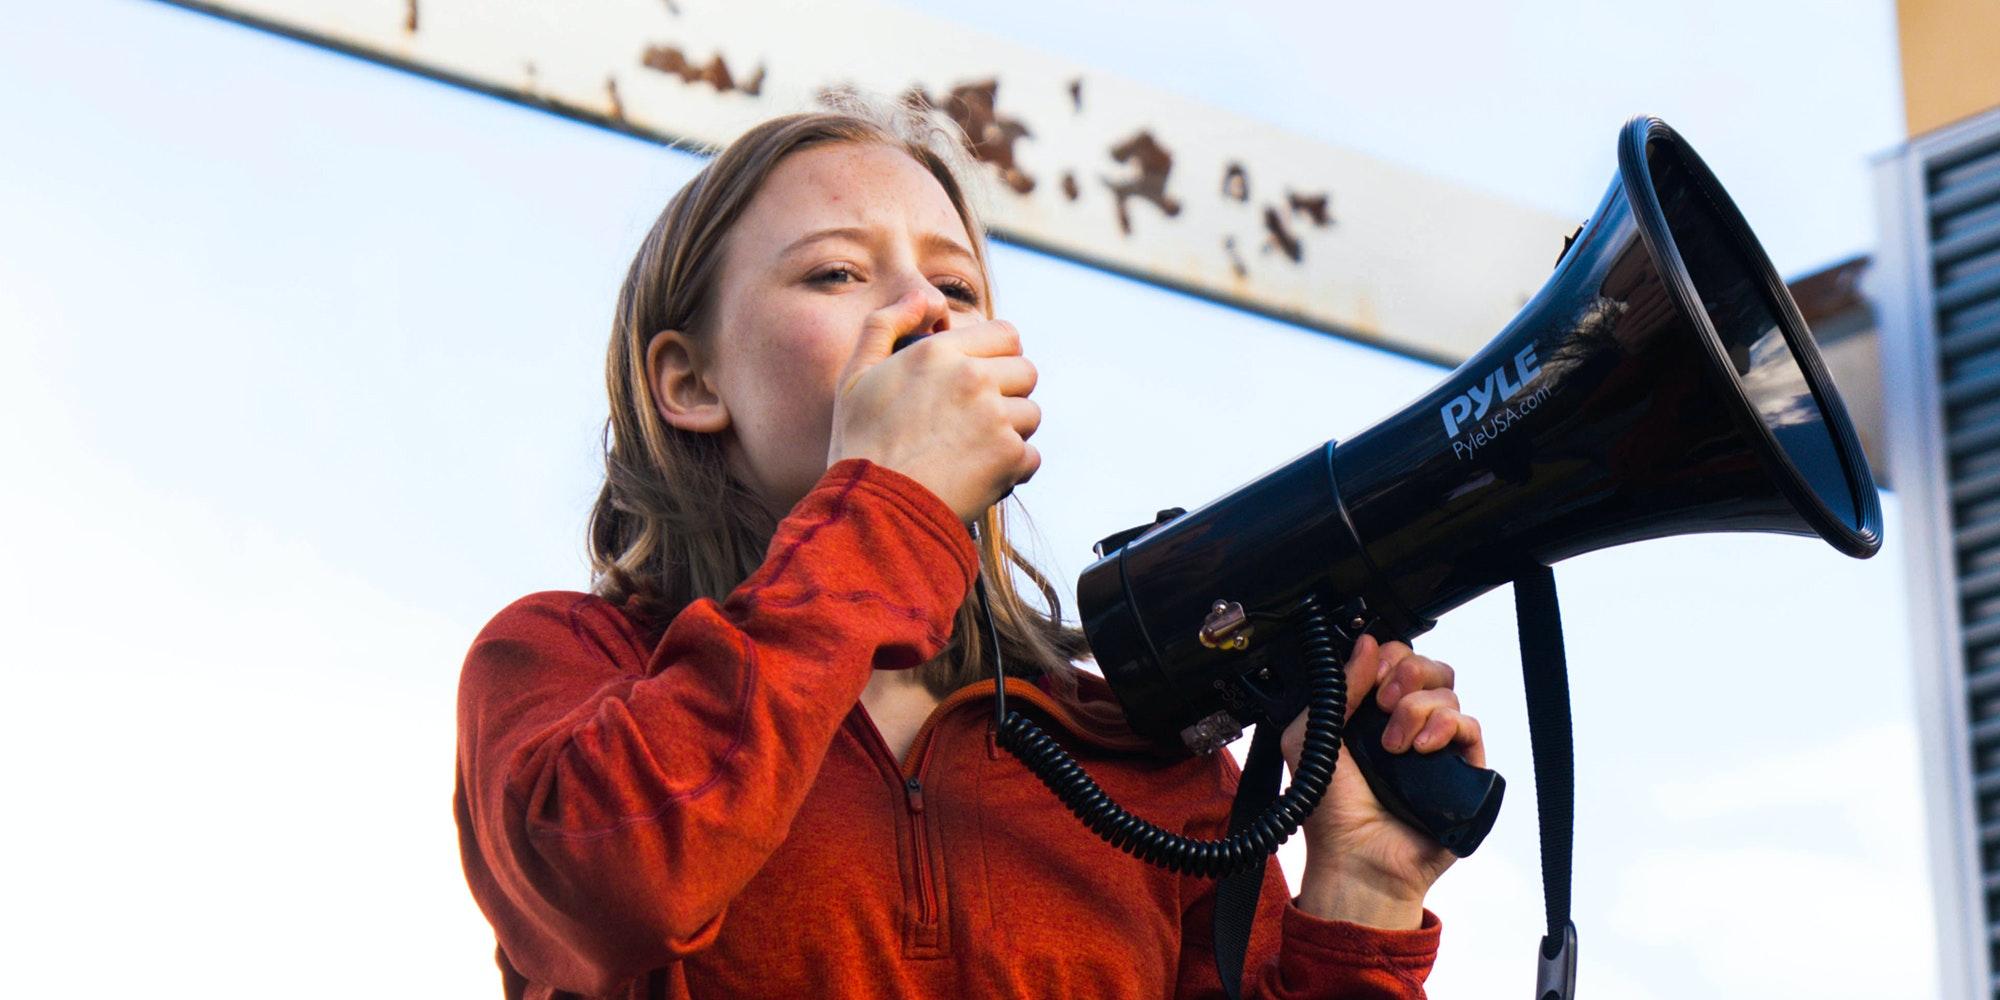 (近距离拍摄)2018-2019 届青年顾问 Eva Jones 拿着喇叭